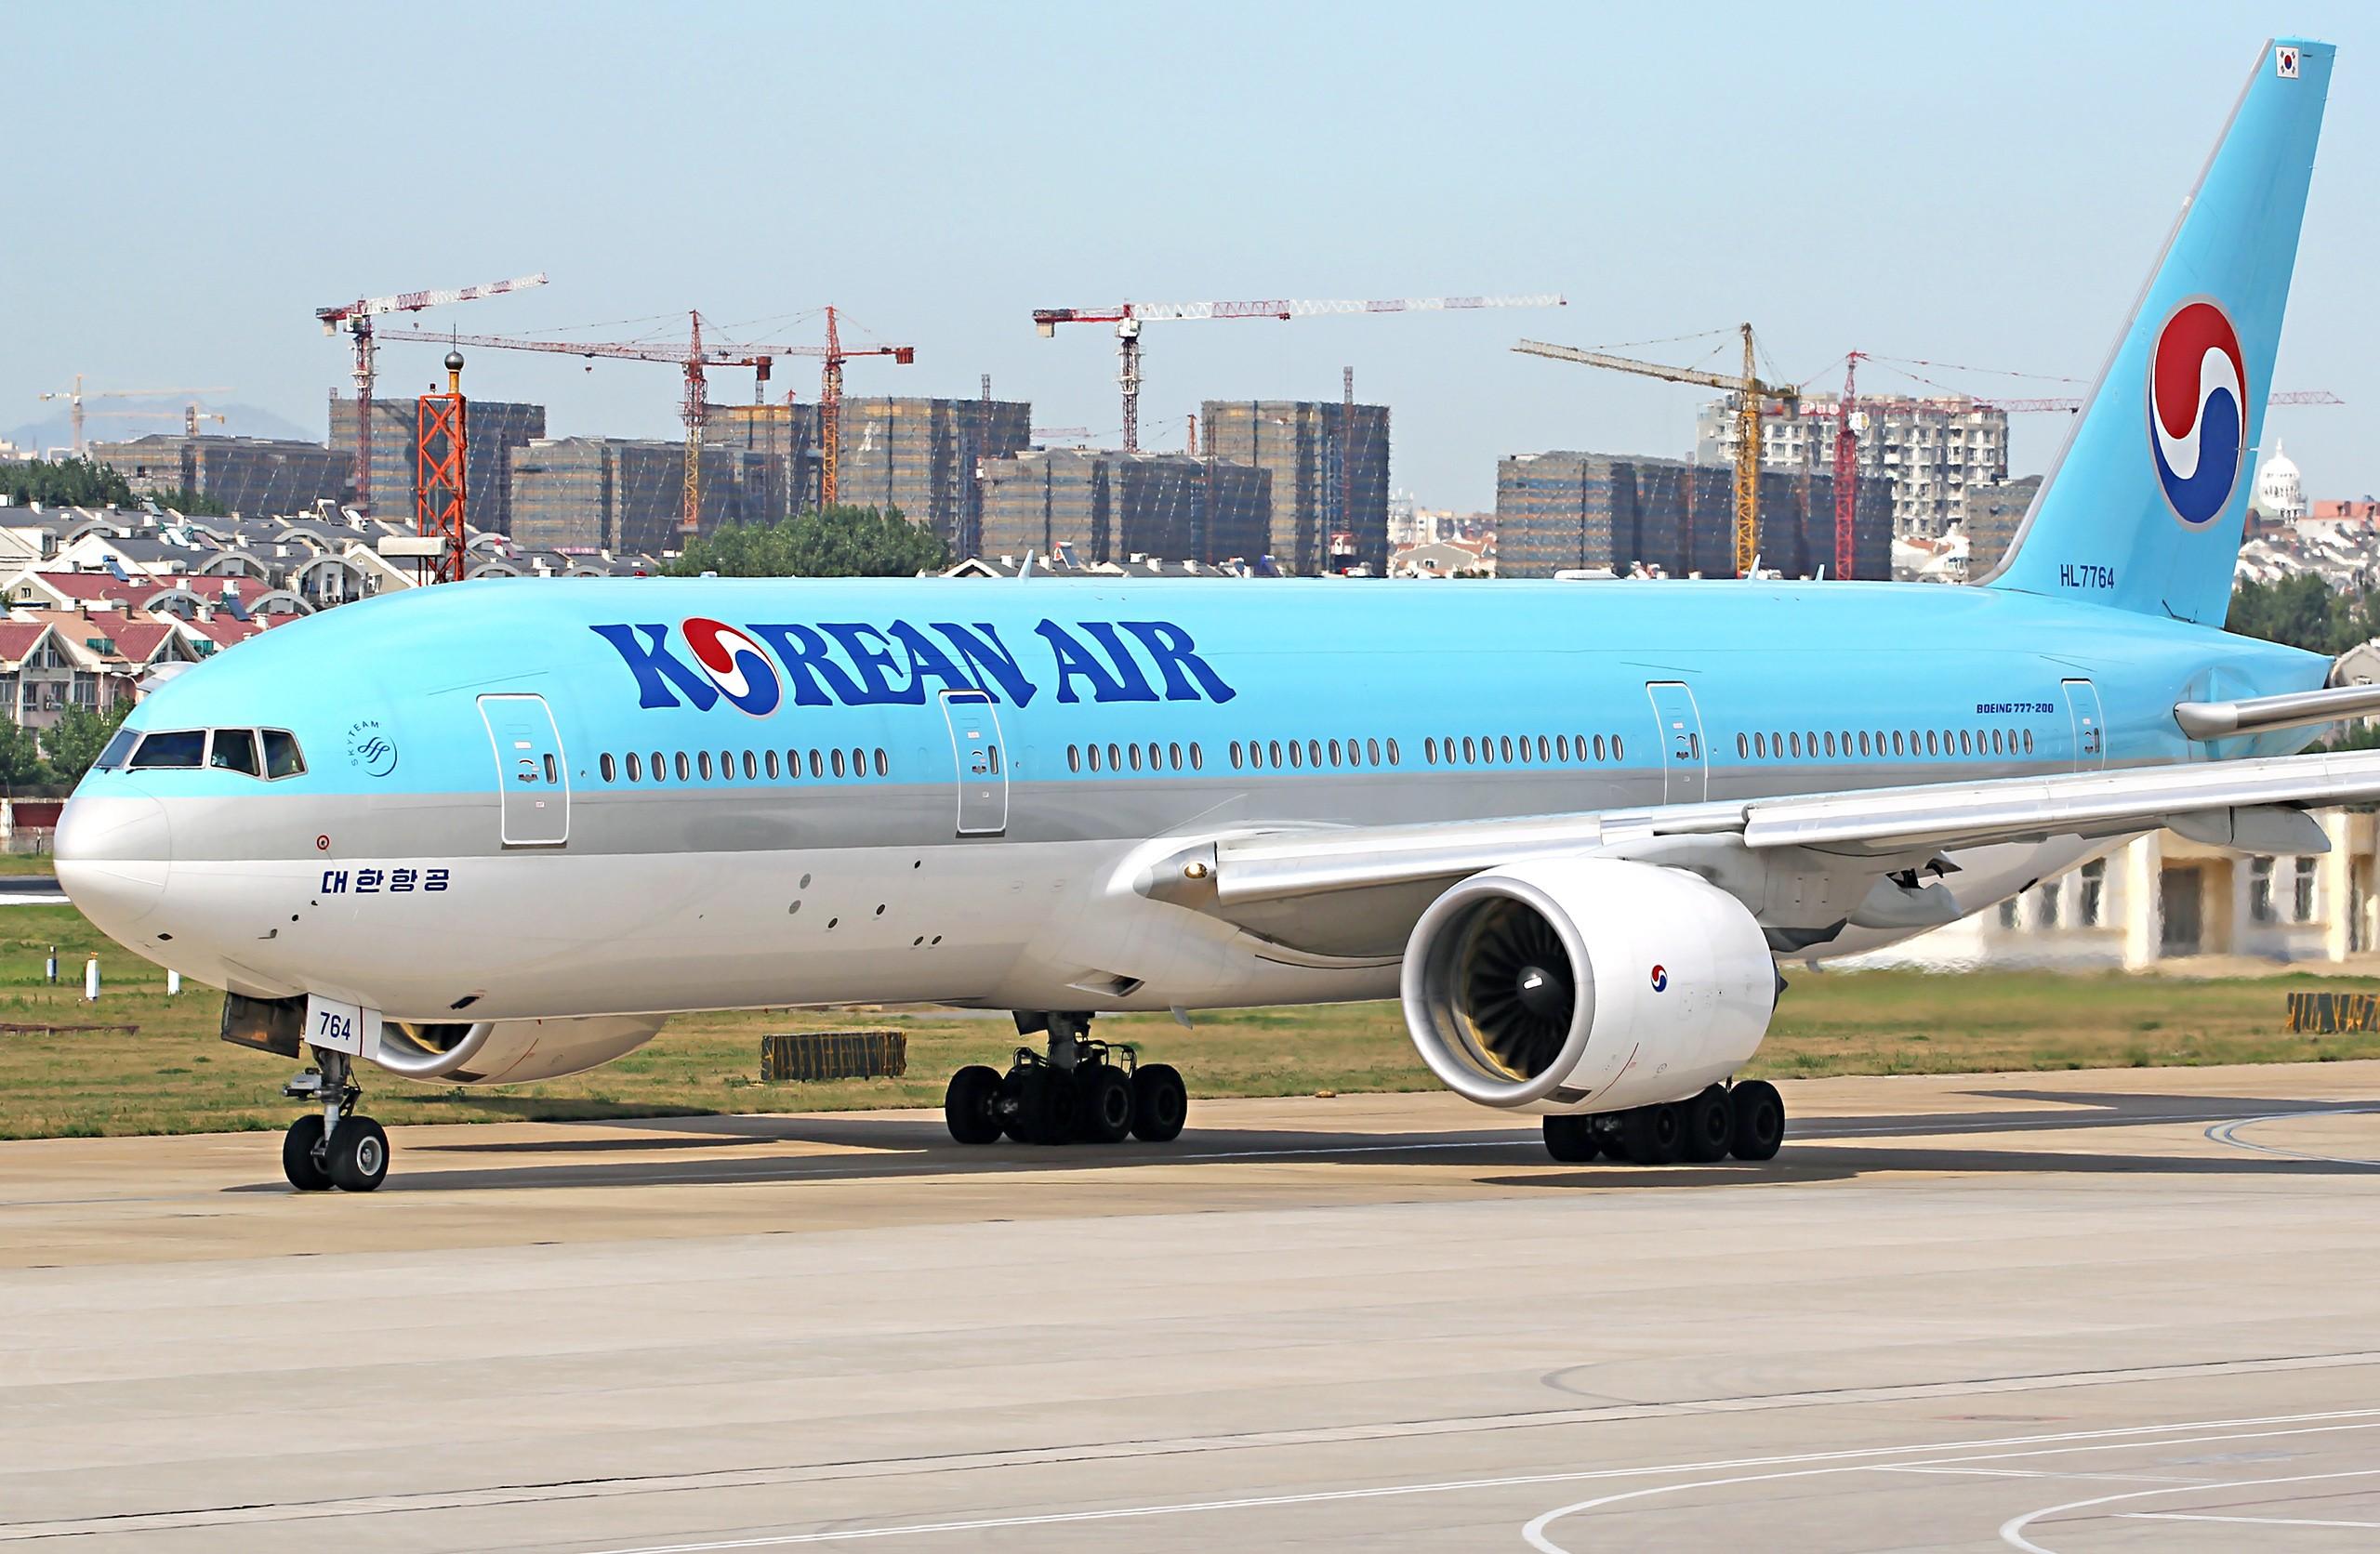 [原创][DLC]2560x1707Pix BOEING 777-200 HL7764 中国大连周水子国际机场